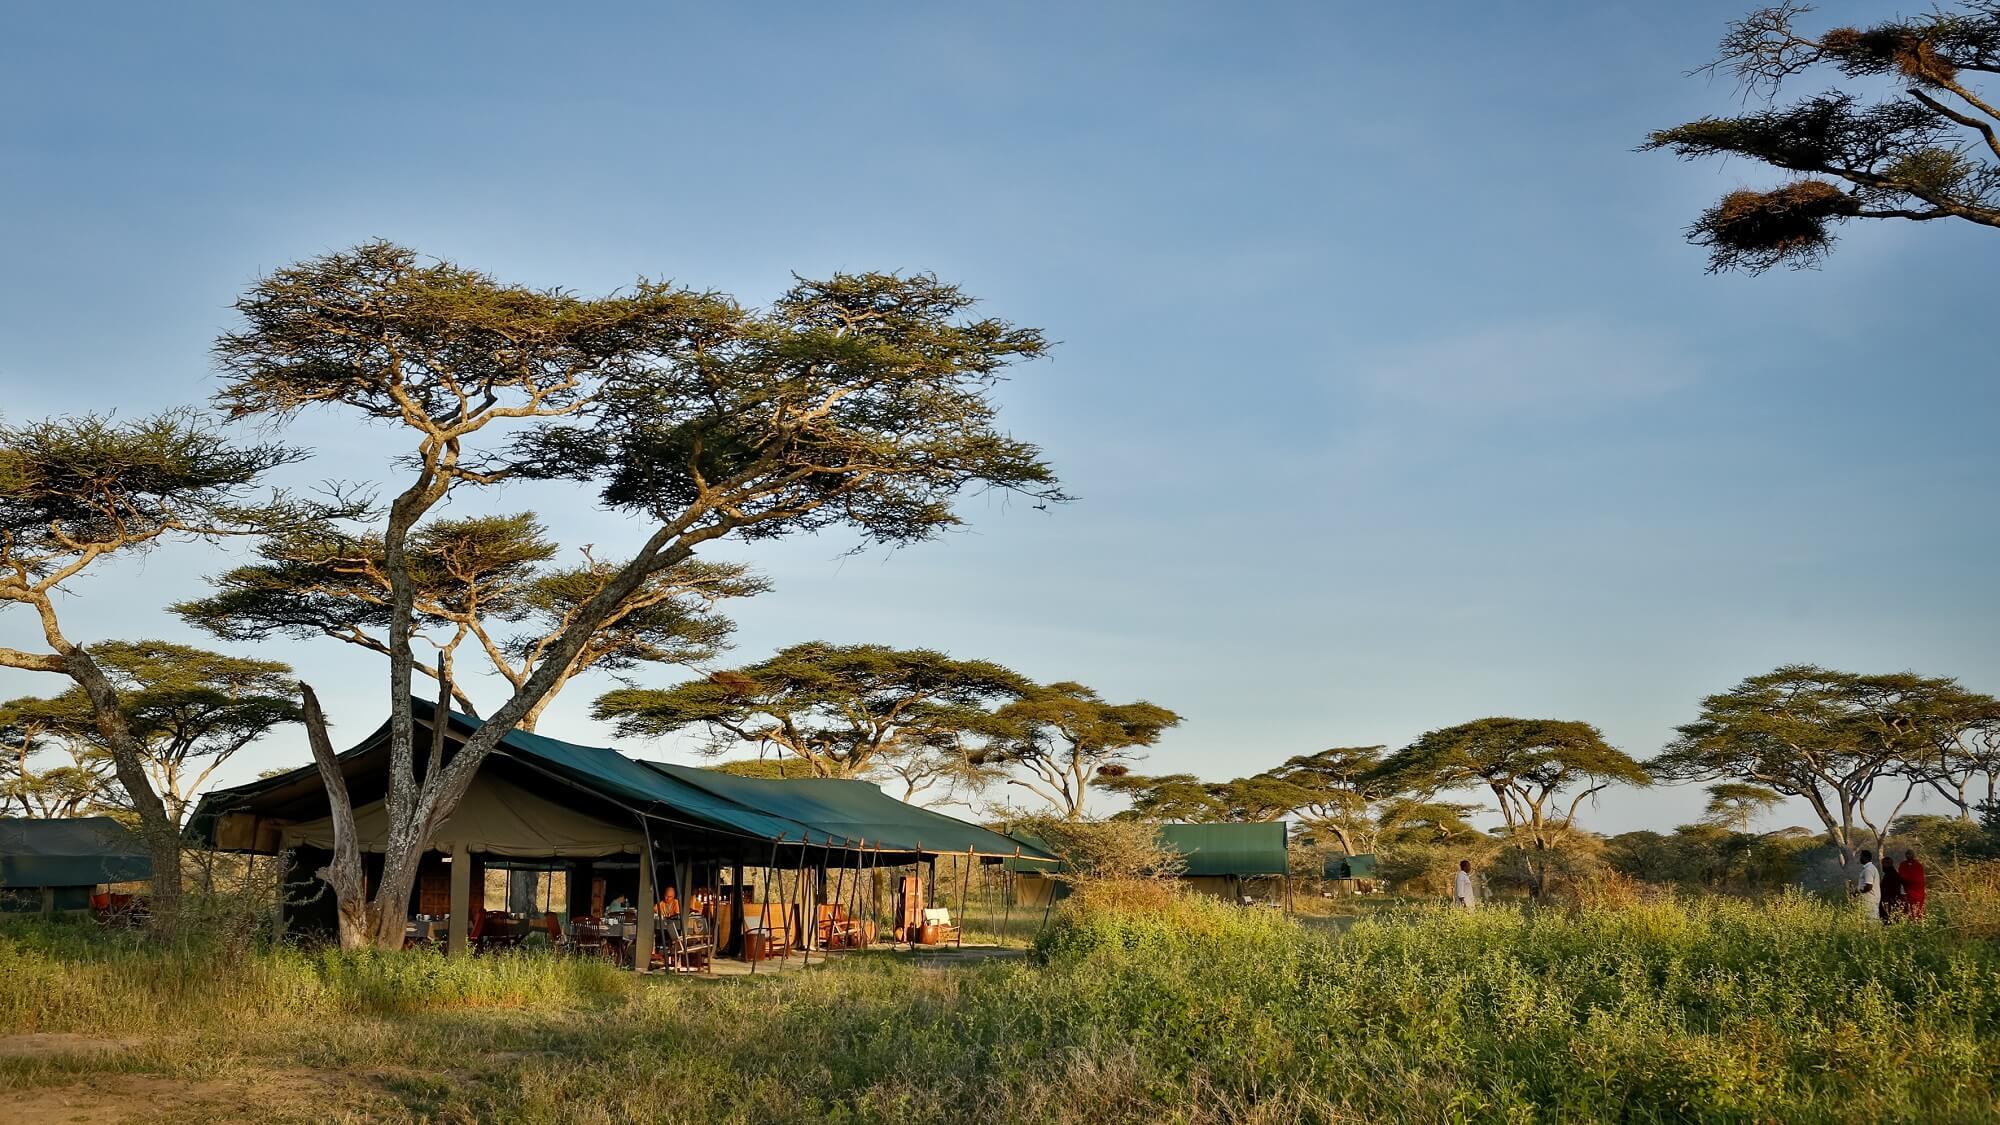 Chaka Ndutu Camp